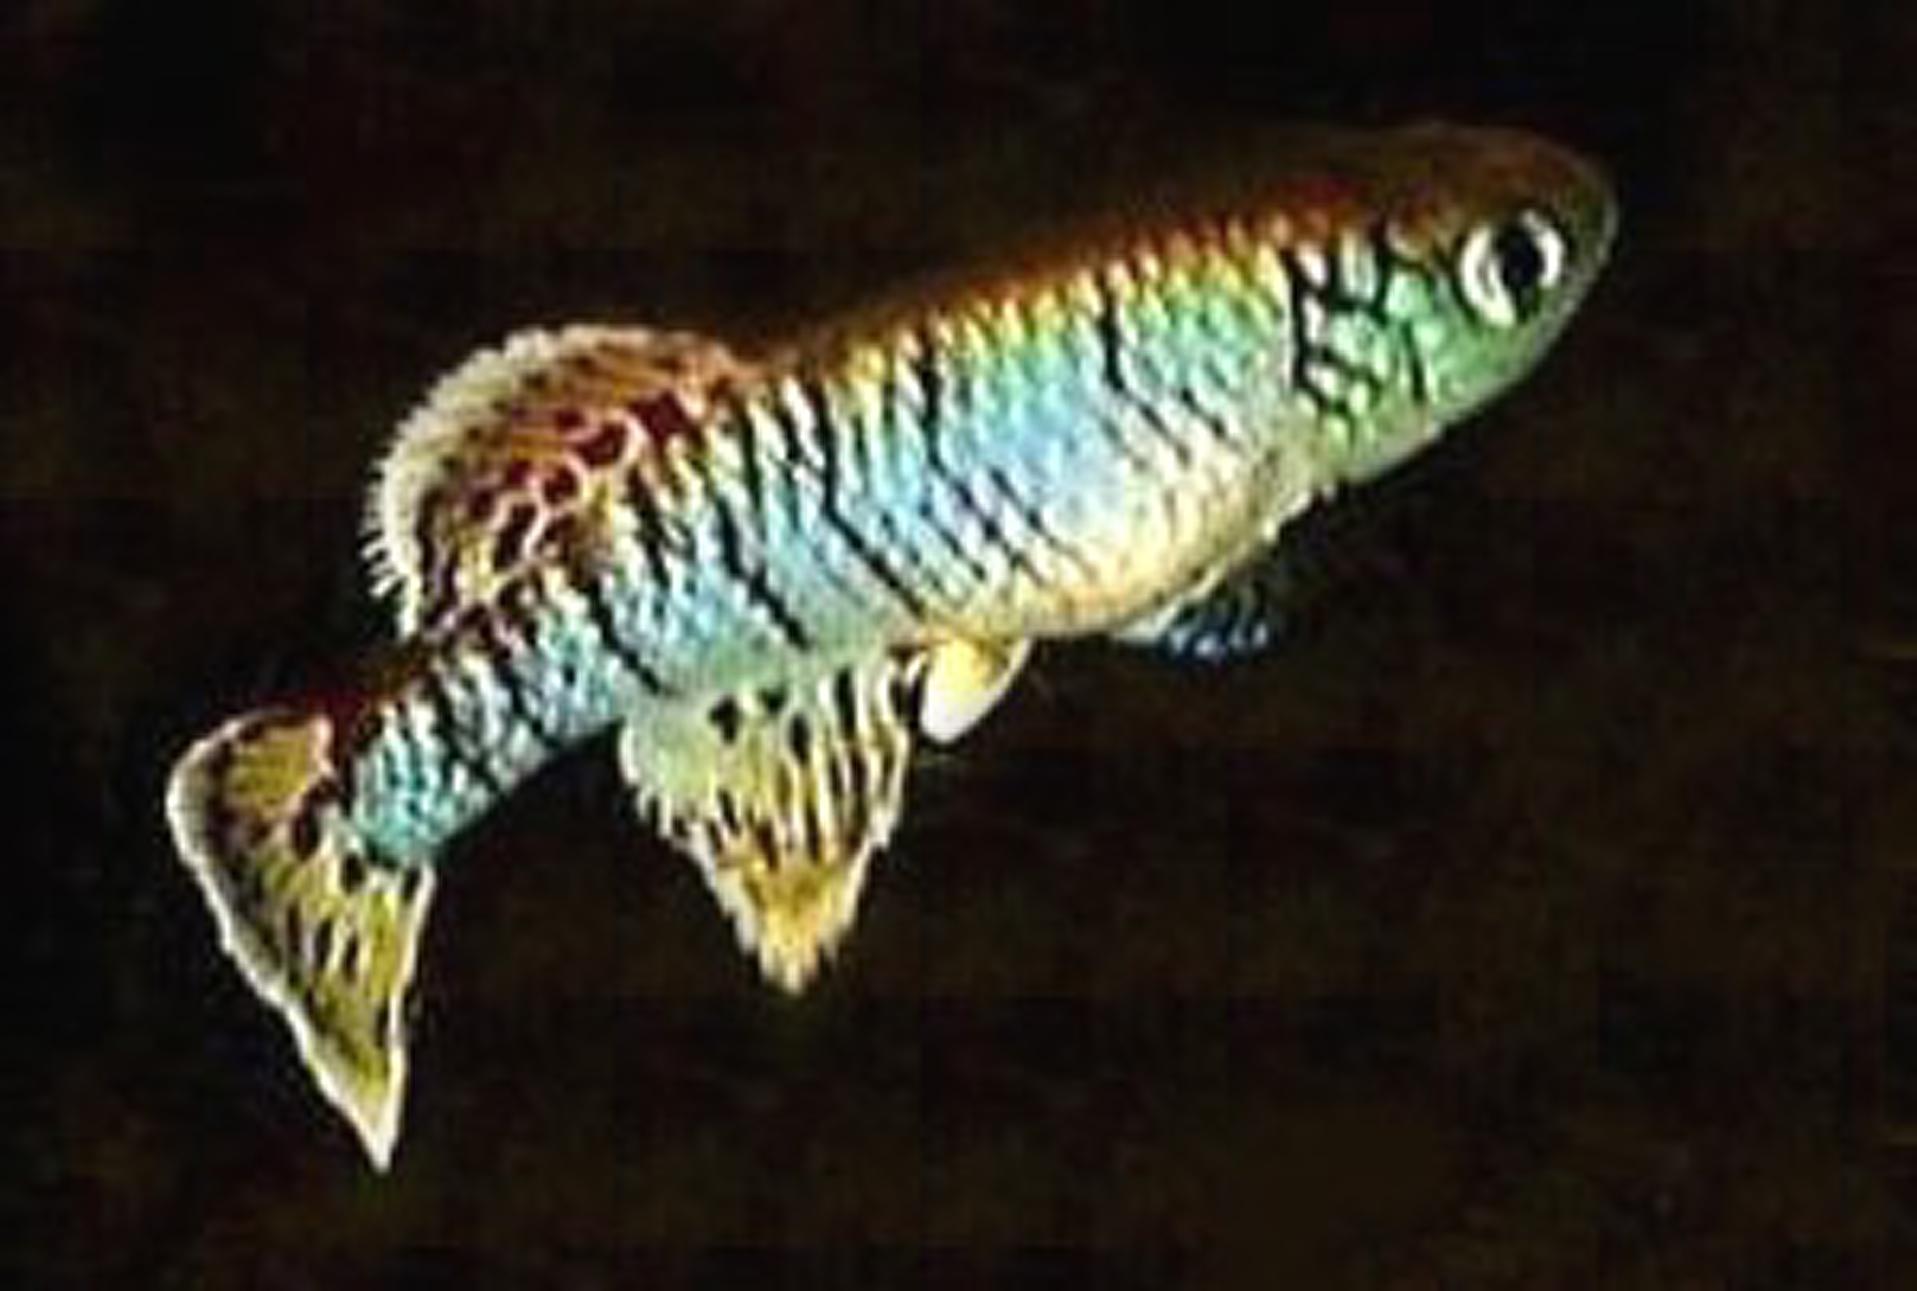 ไข่ปลาคิลลี่สายพันธุ์ Nothobranchius eggersi blue(Eggersi Blue Rufiji river camp TAN95) จำนวน 50 ฟอง